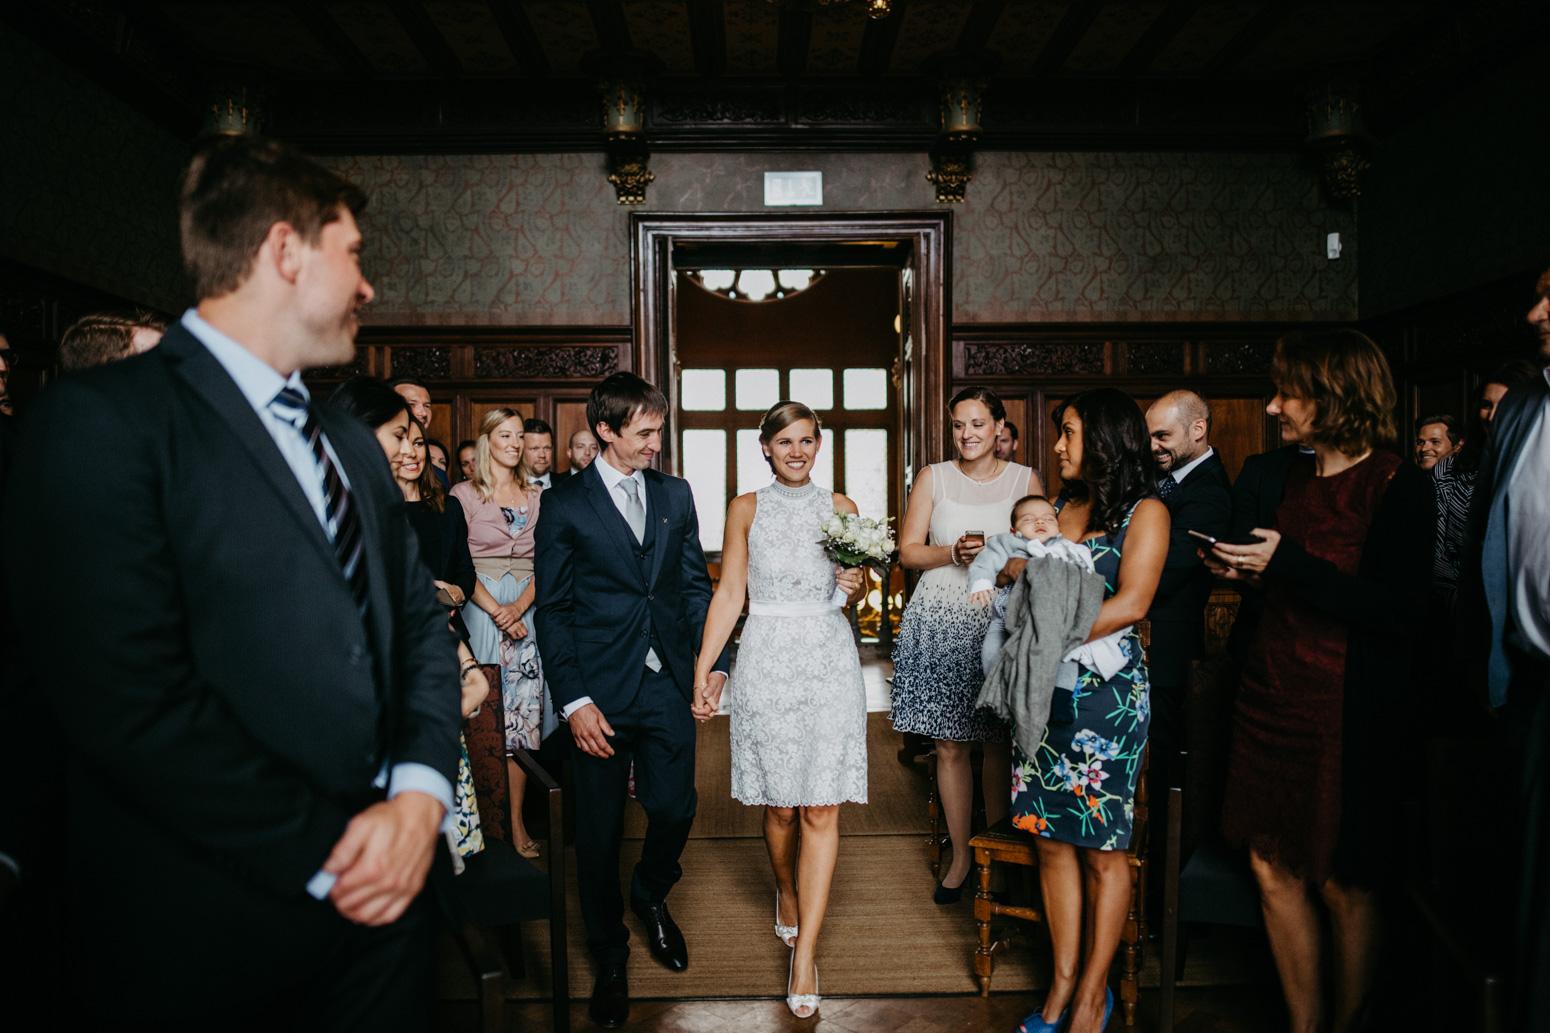 Einzug des Brautpaares in den Trausaal auf Schloss Drachenburg in Königswinter